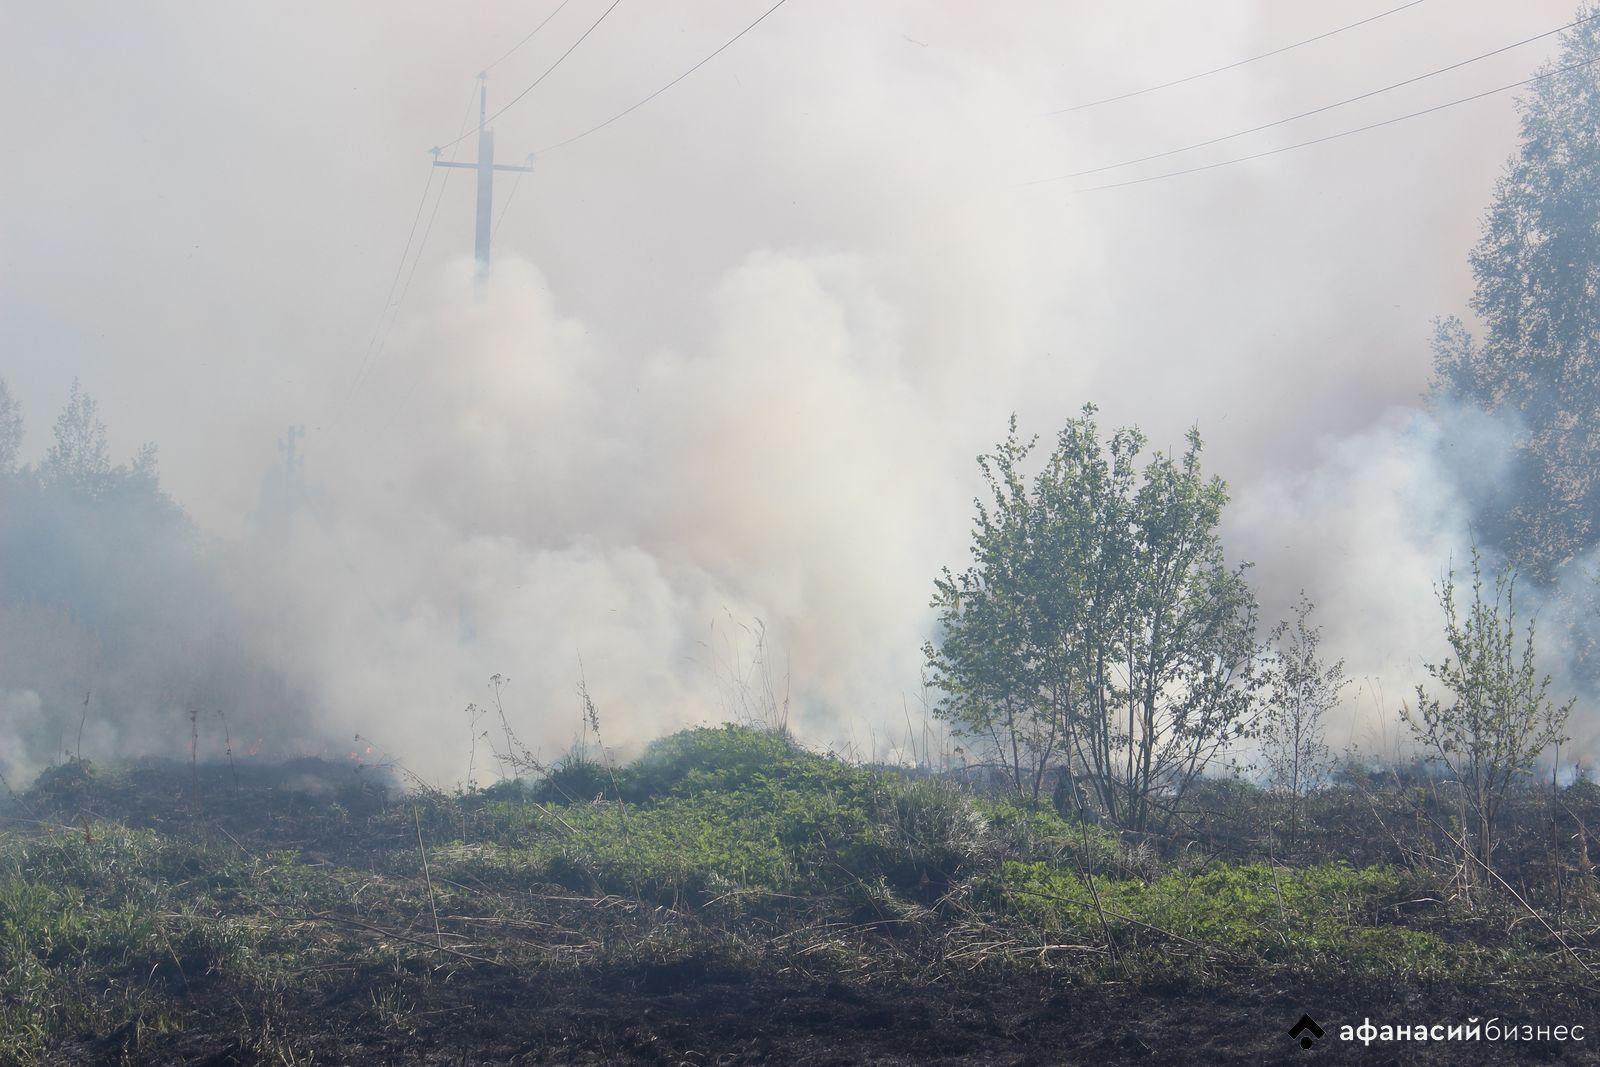 В районах Тверской области вводят противопожарный режим - новости Афанасий